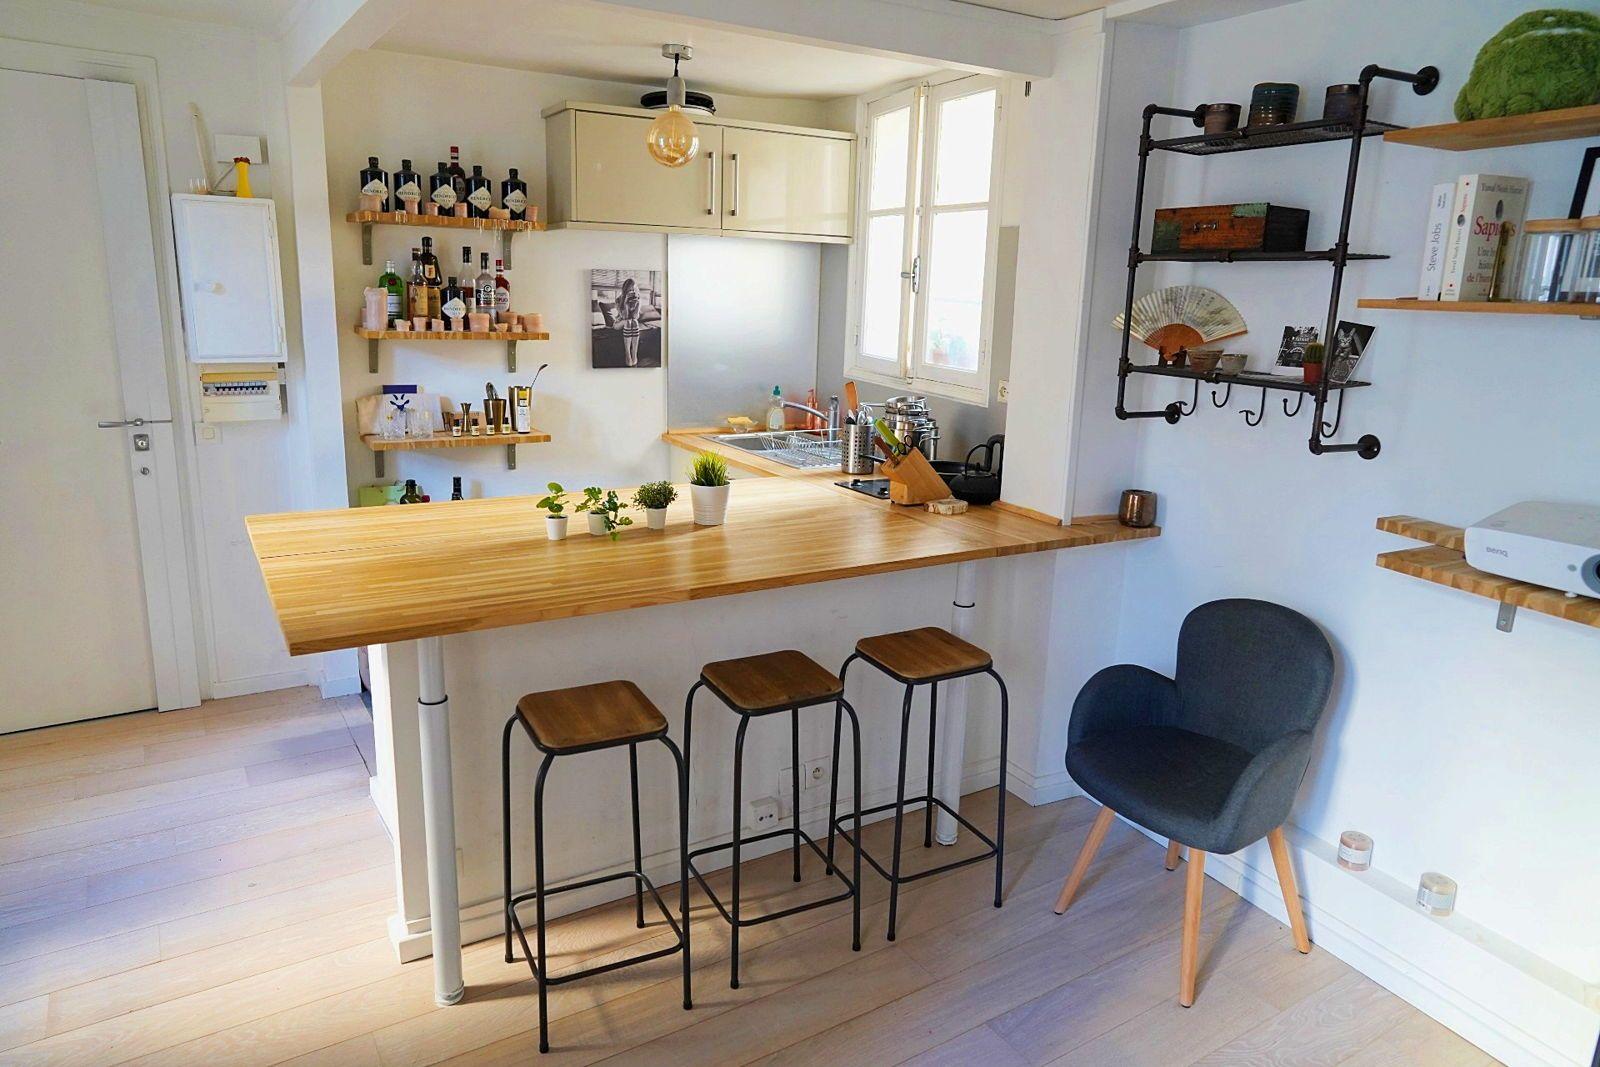 Loue 2pièces meublé 26m² à Saint-Germain-des-Prés